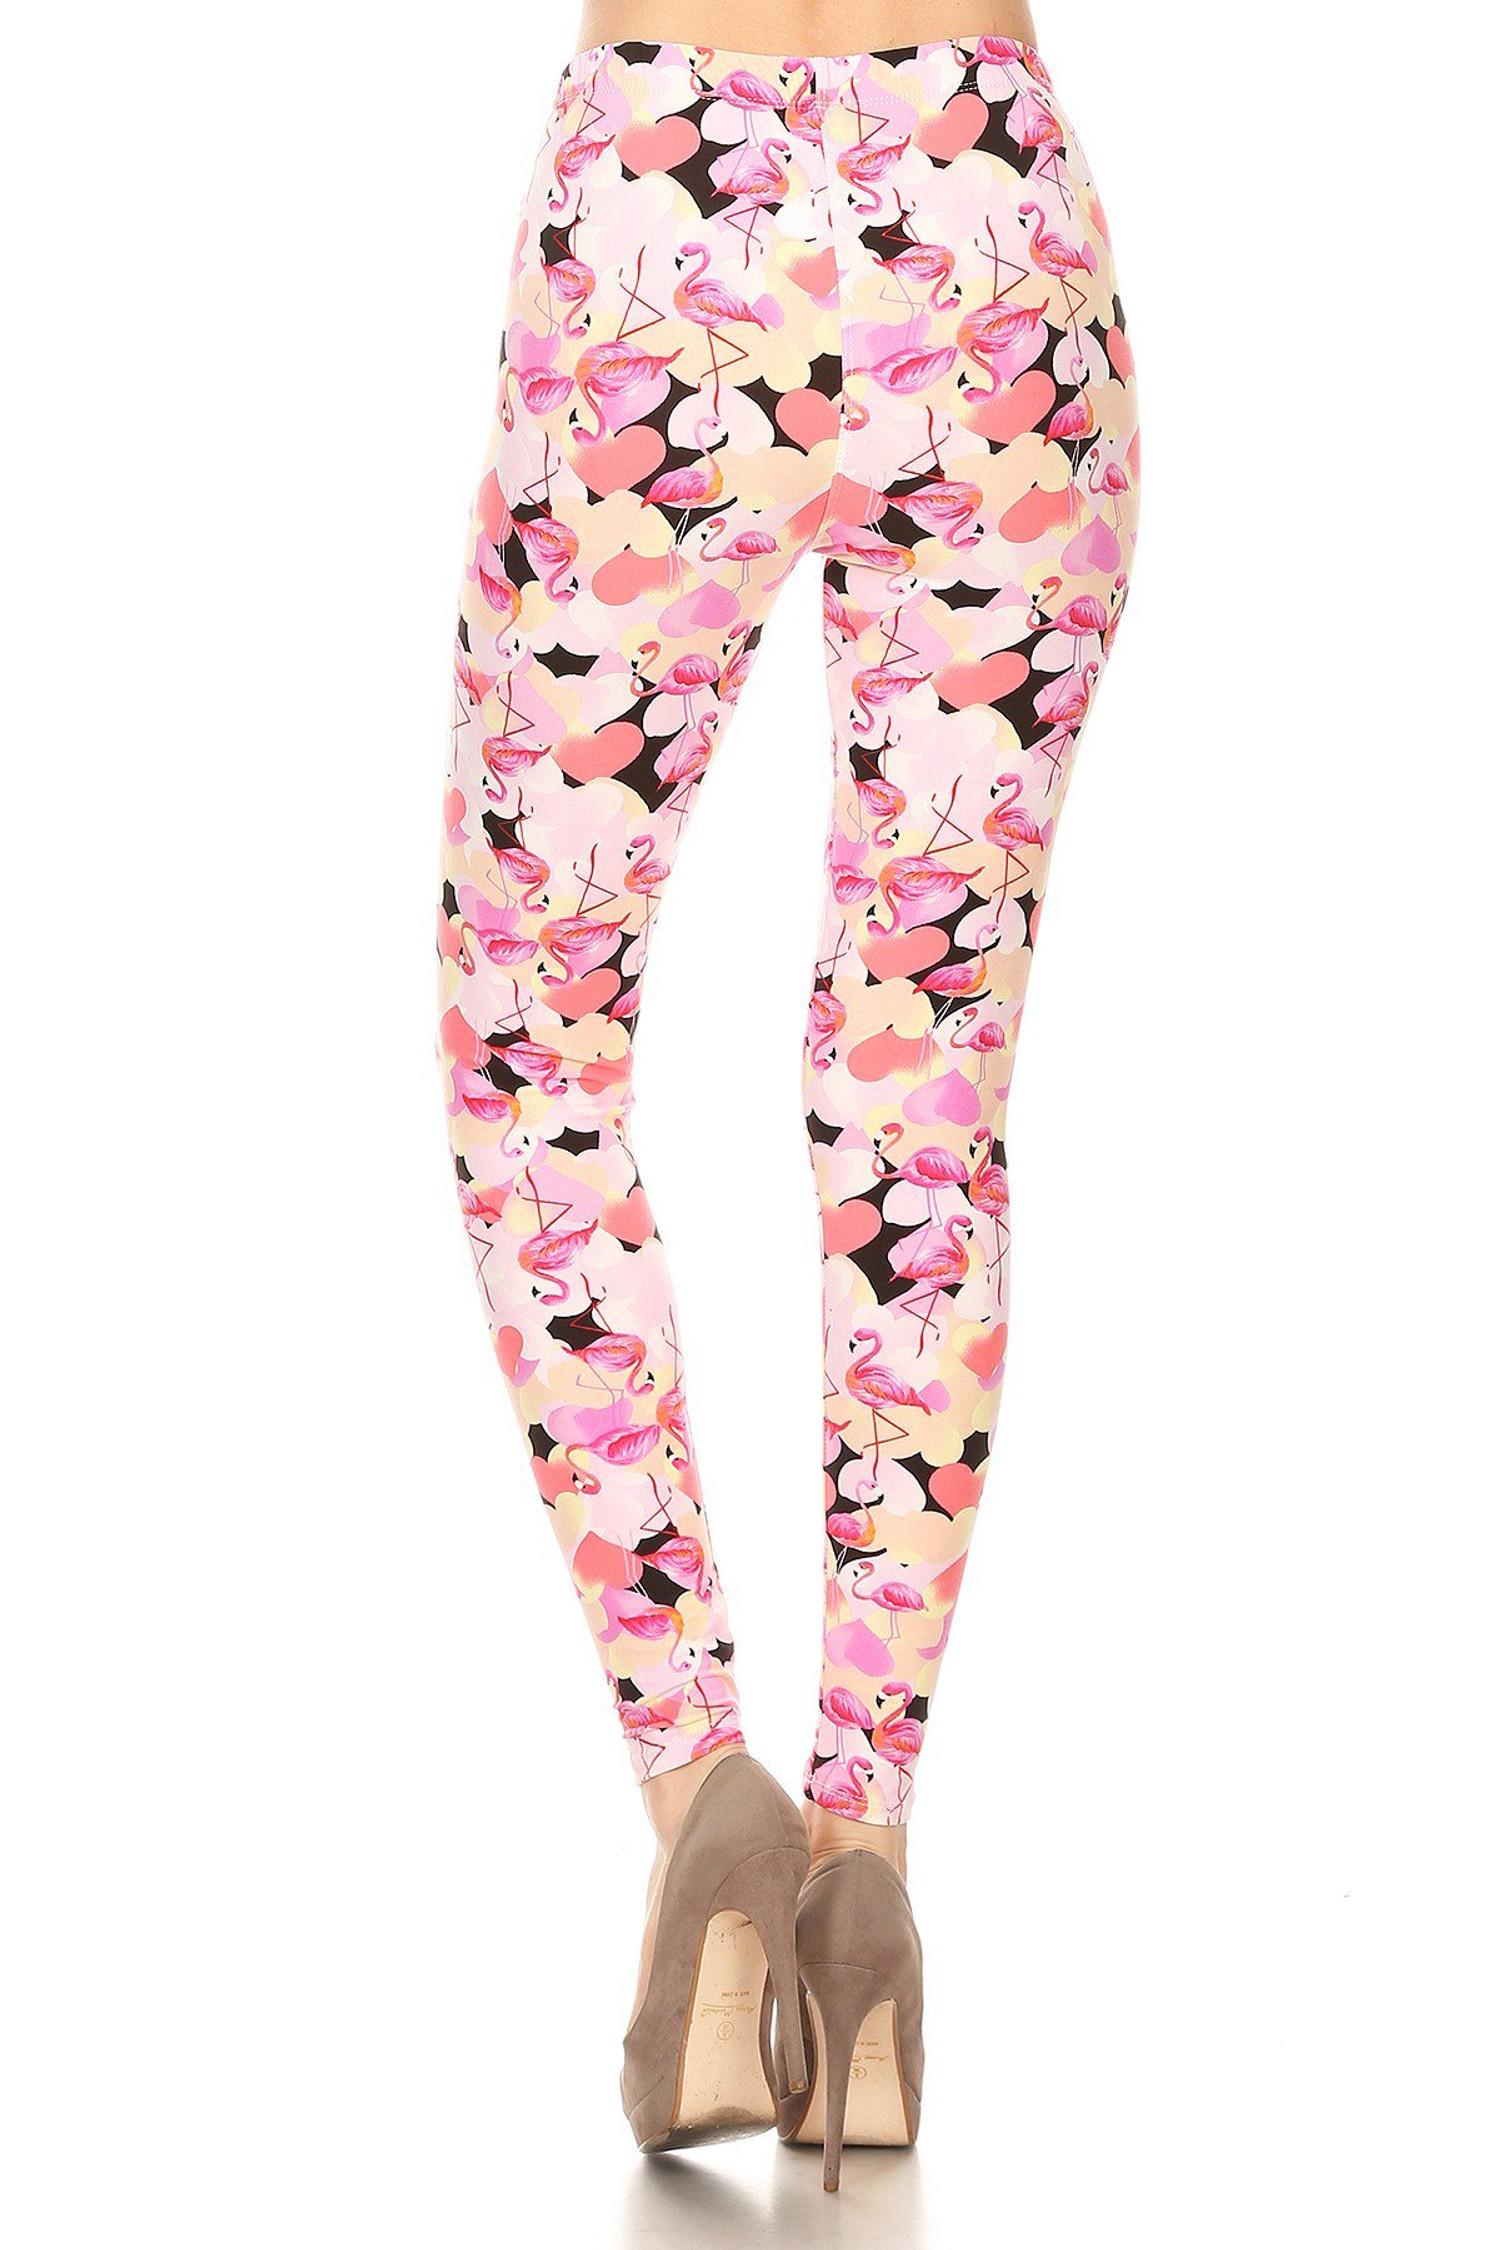 Back of Soft Brushed Gorgeous Pink Flamingos Leggings - XSmall